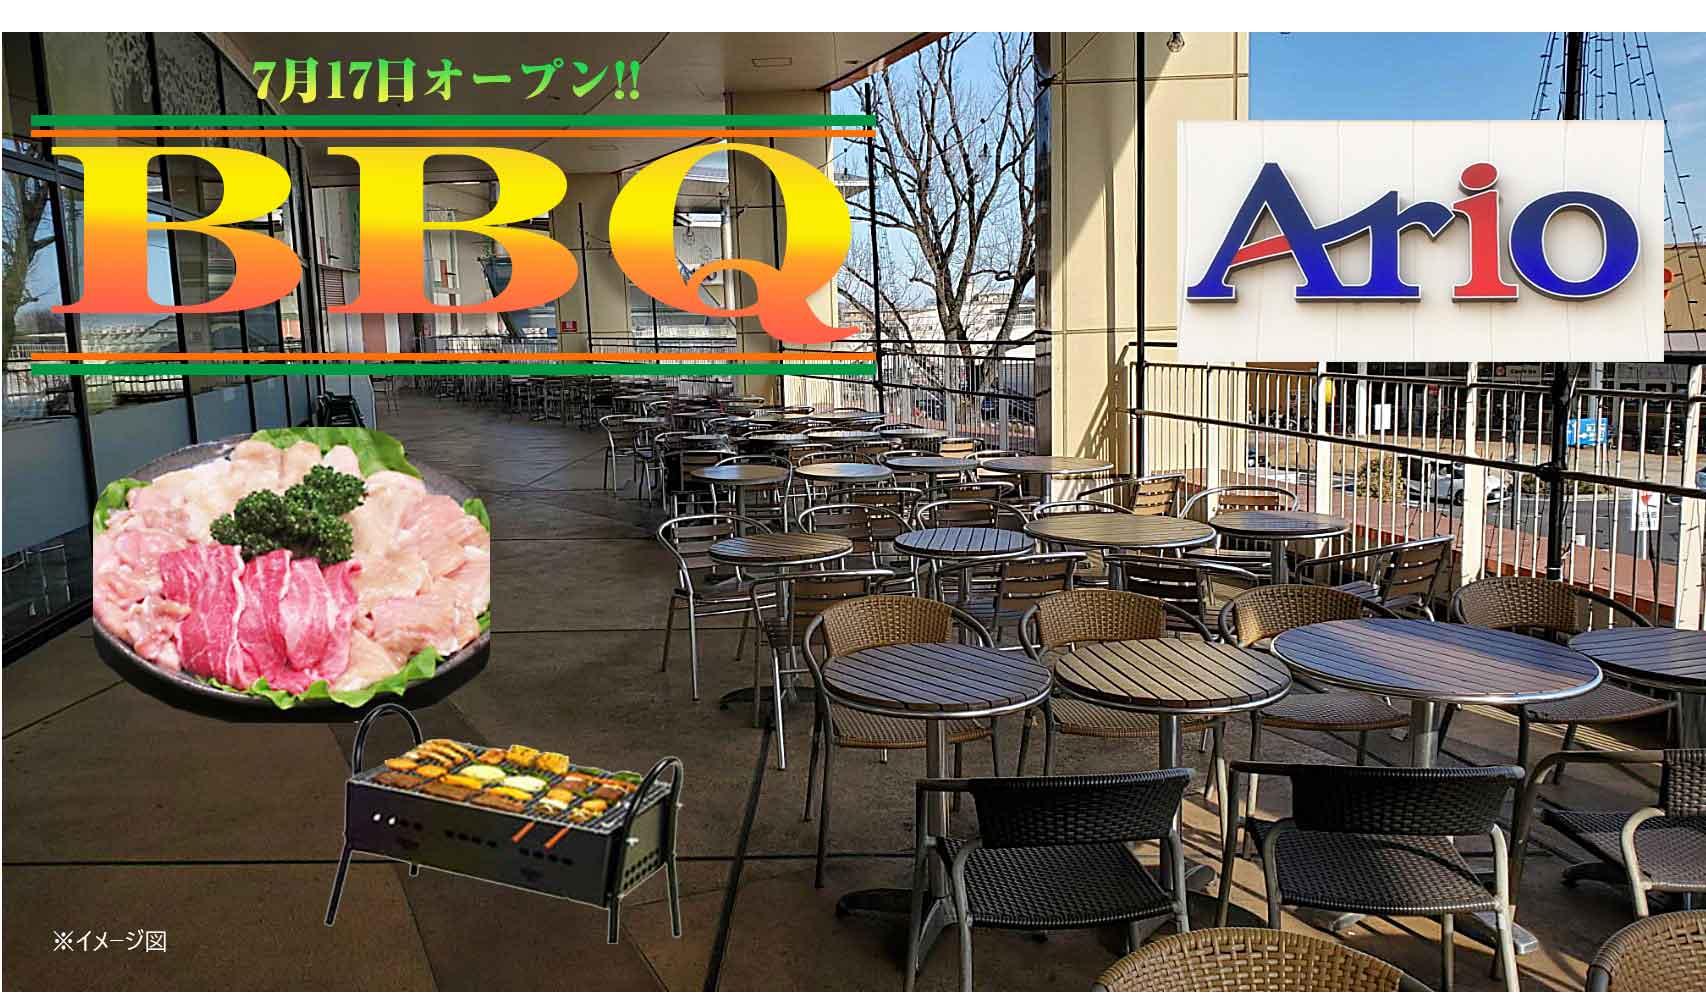 アリオ 上尾 BBQ 7月17日オープン!!